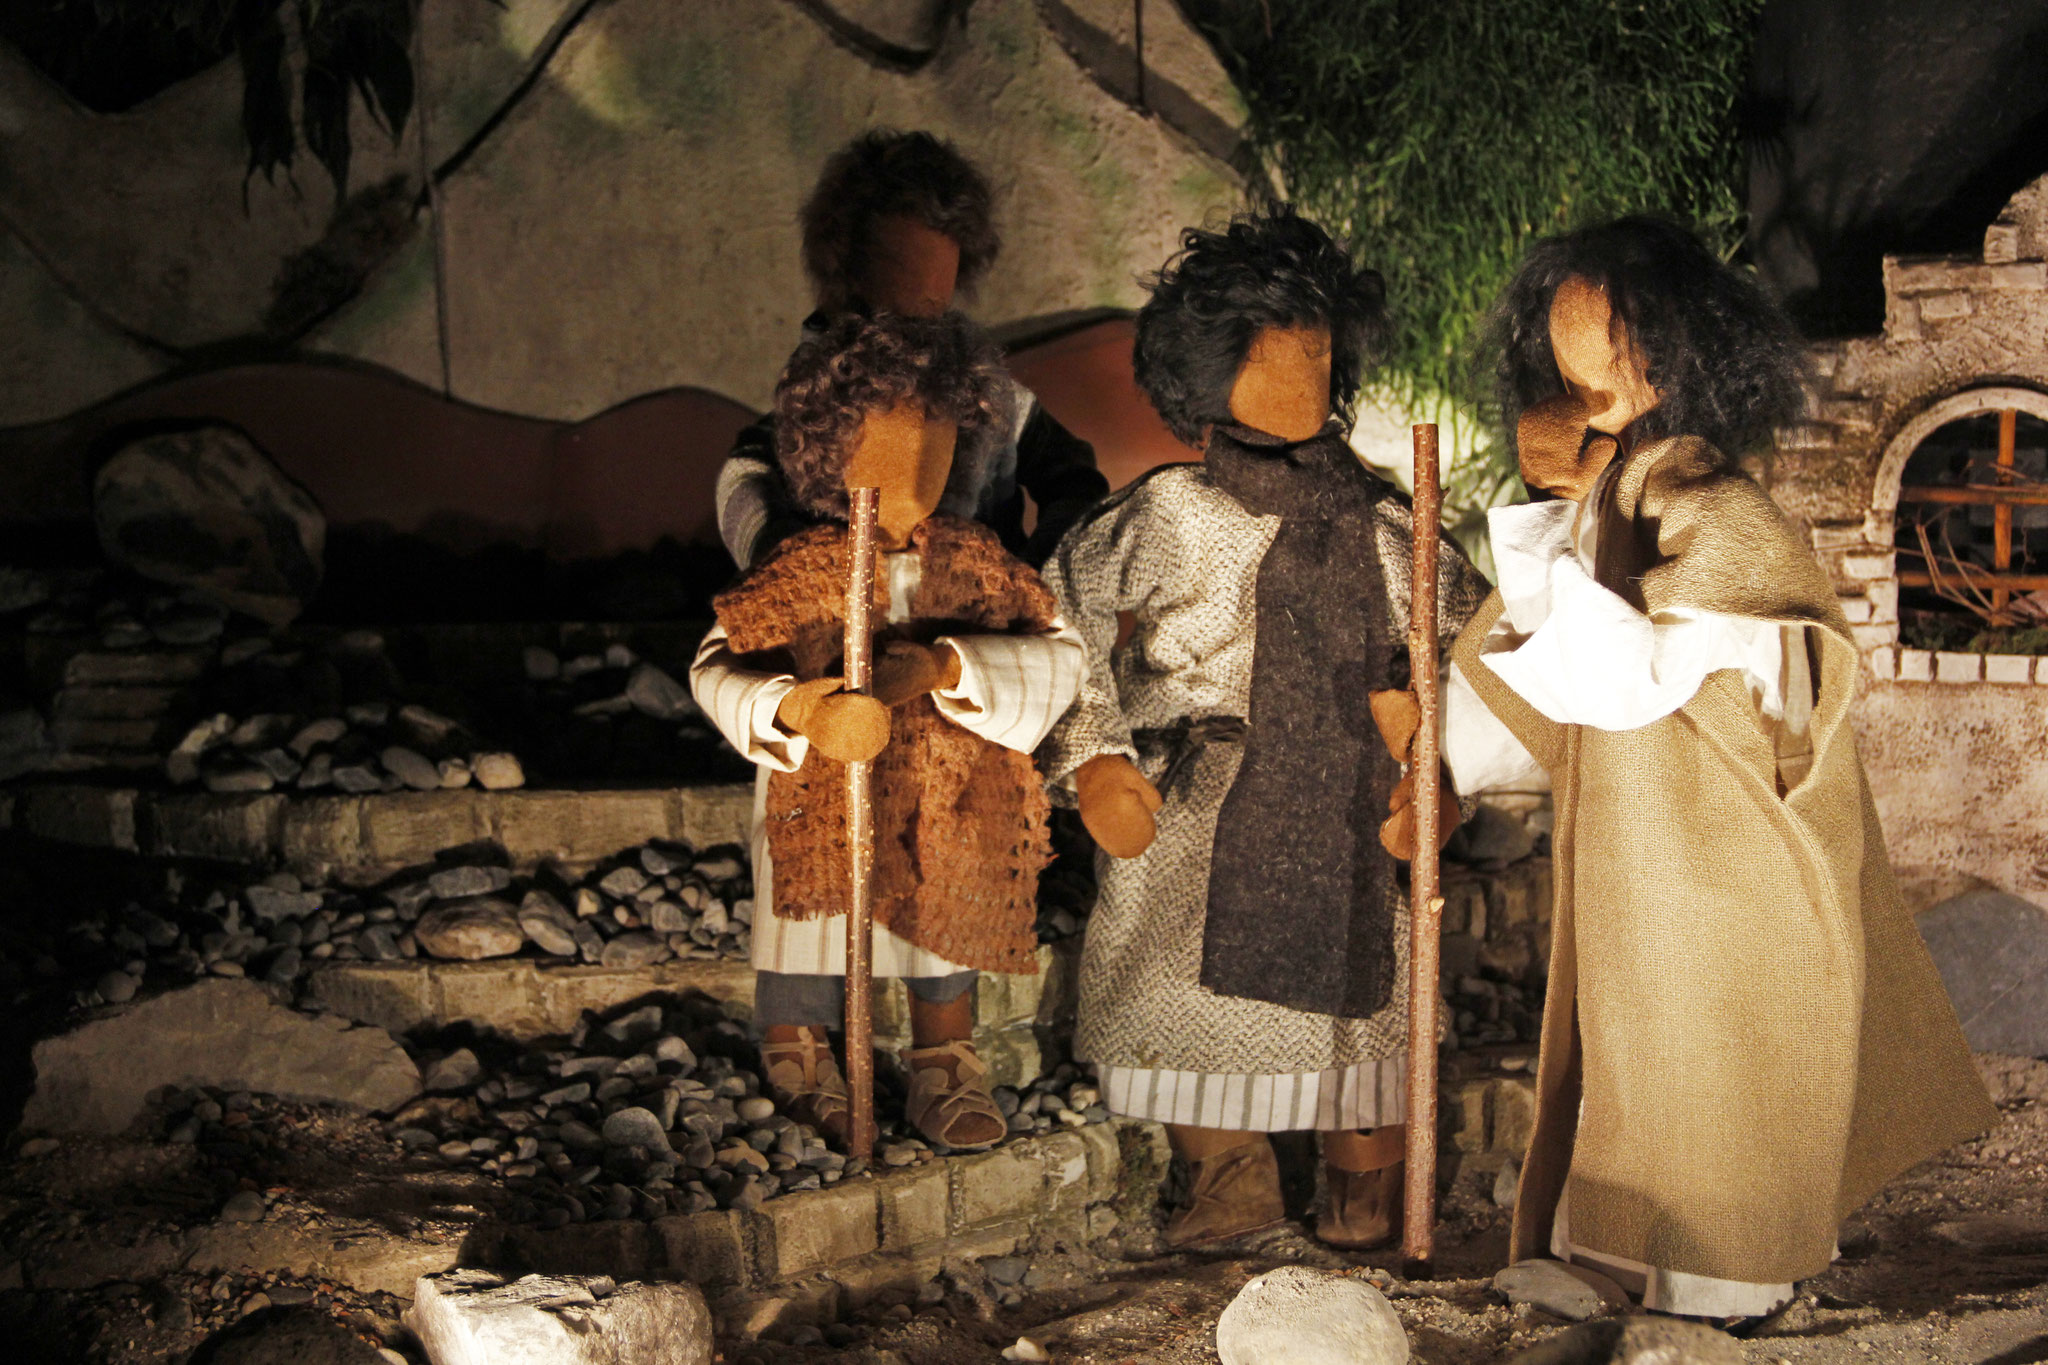 Während sie den Berg hinabstiegen, gebot ihnen Jesus: Erzählt niemand von dem, was ihr gesehen habt, bis der Menschensohn von den Toten auferstanden ist.